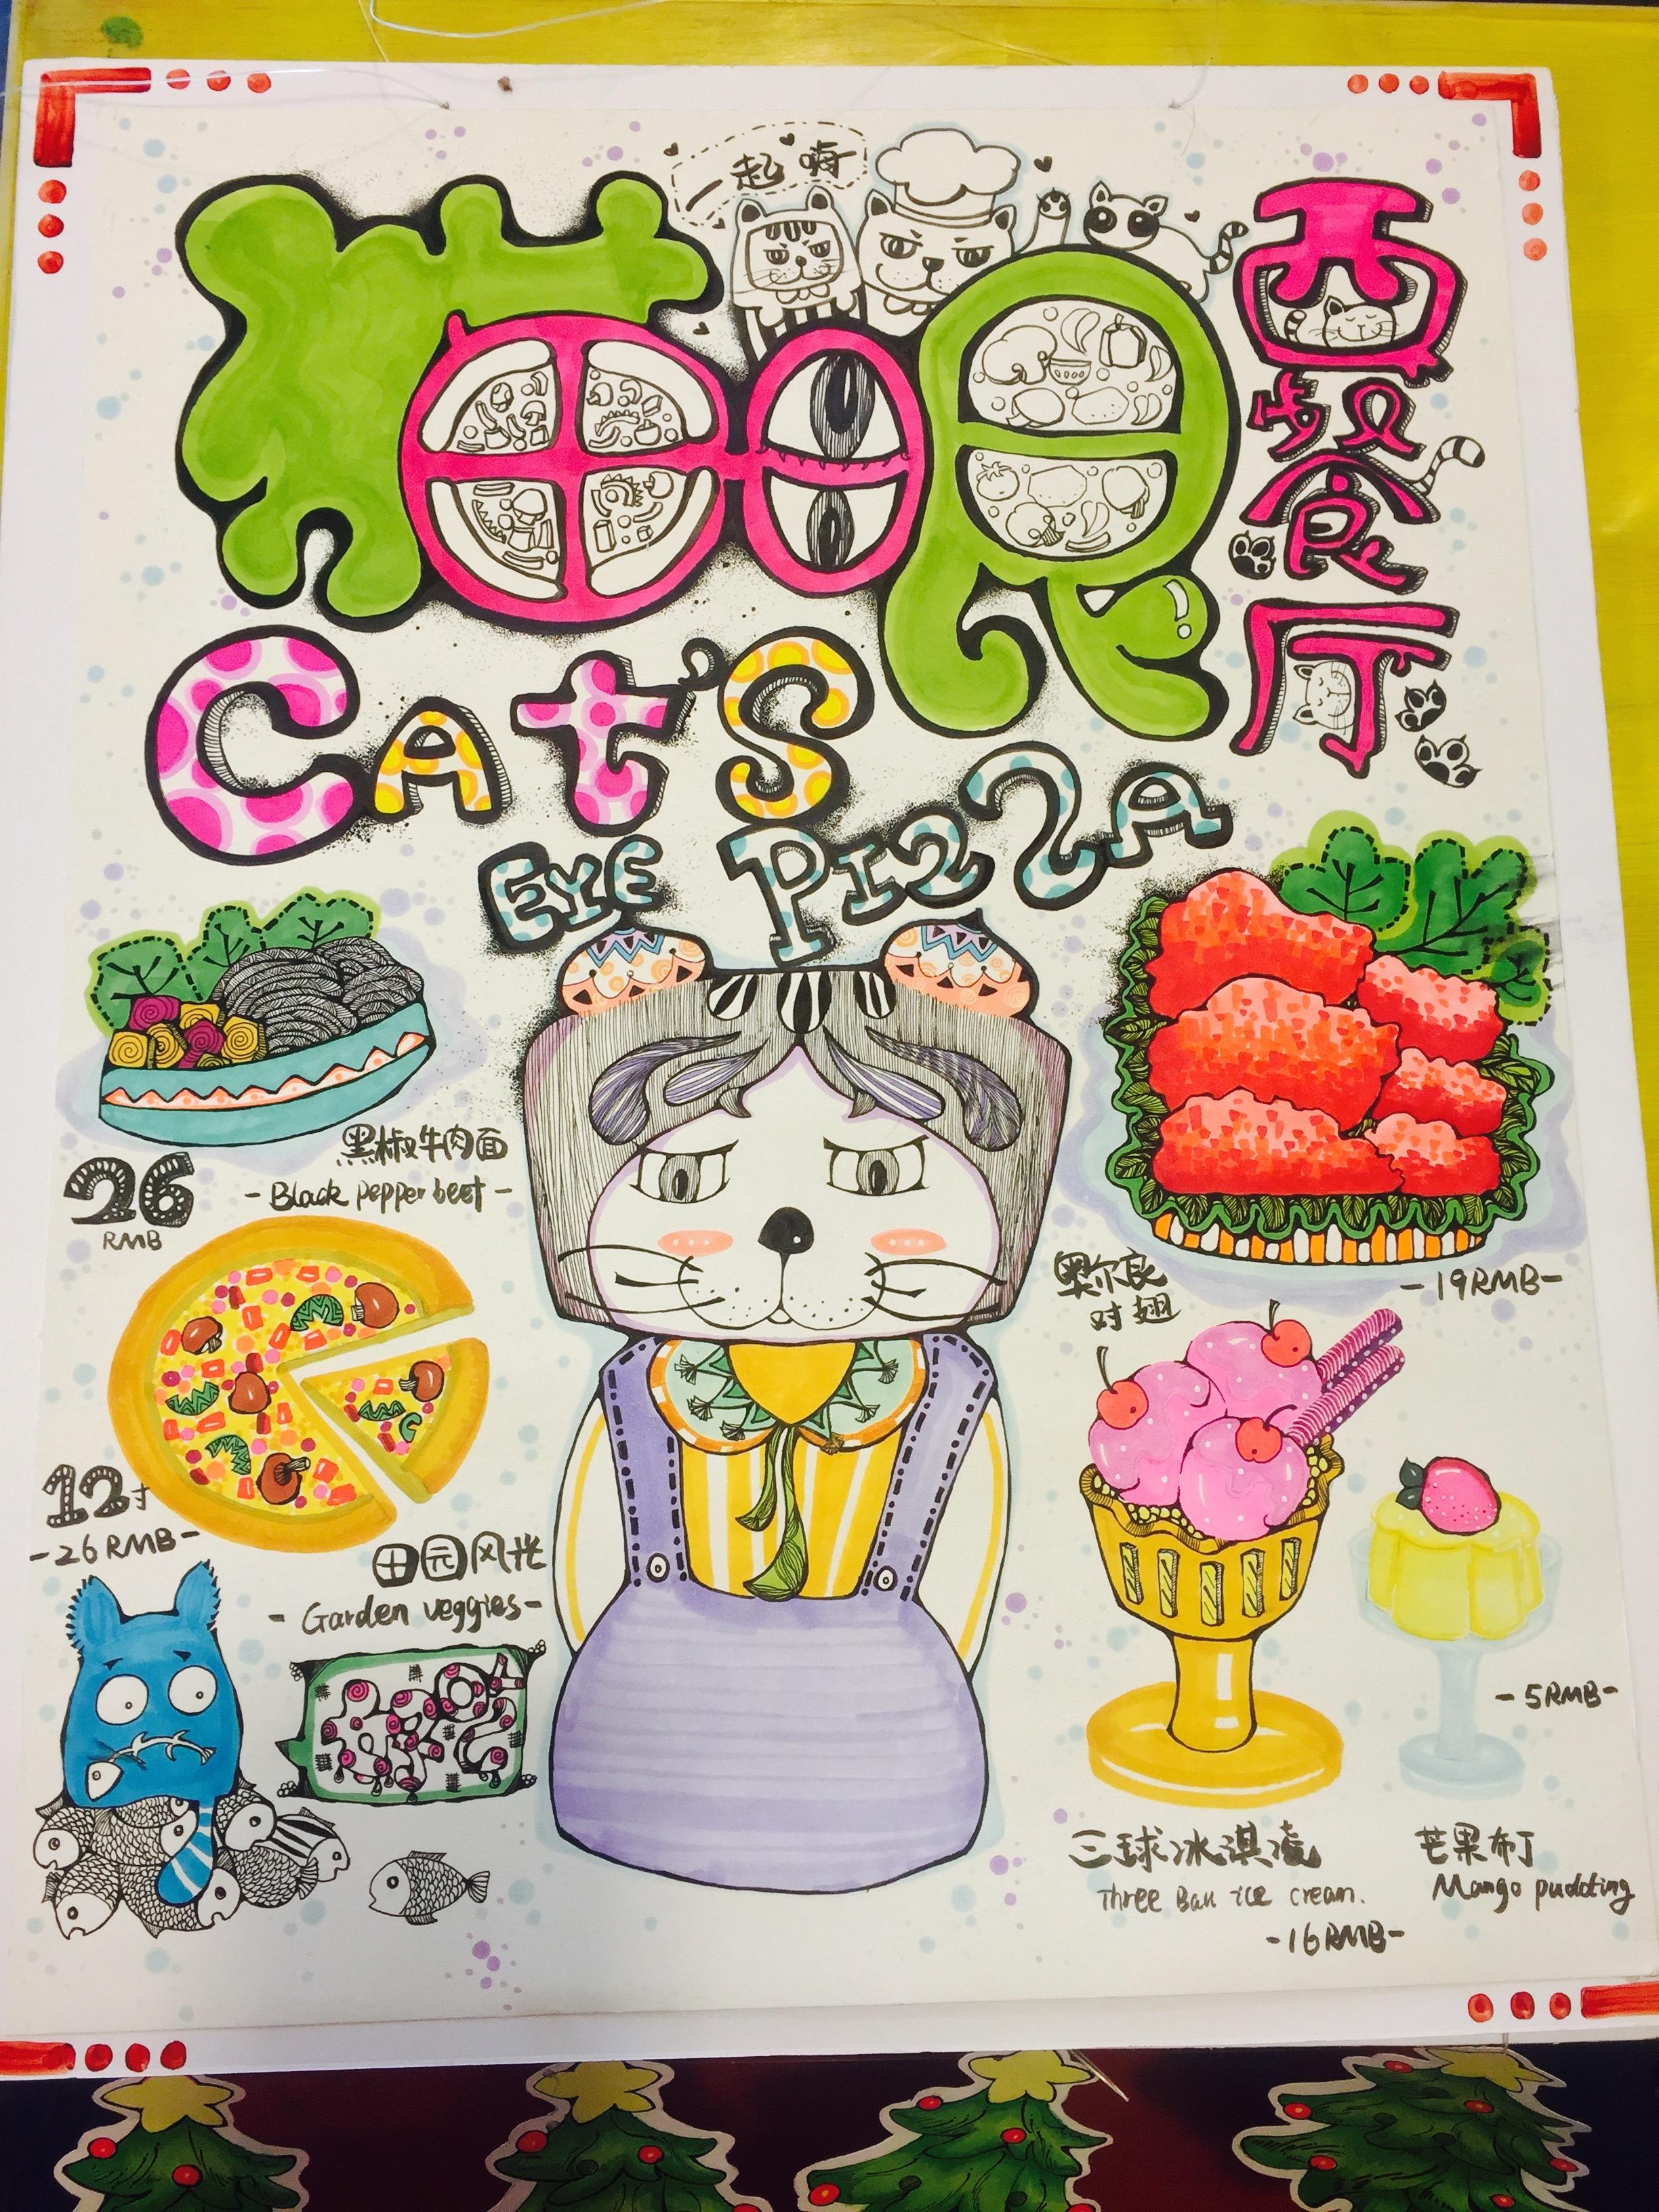 猫眼西餐厅圣诞主题pop海报